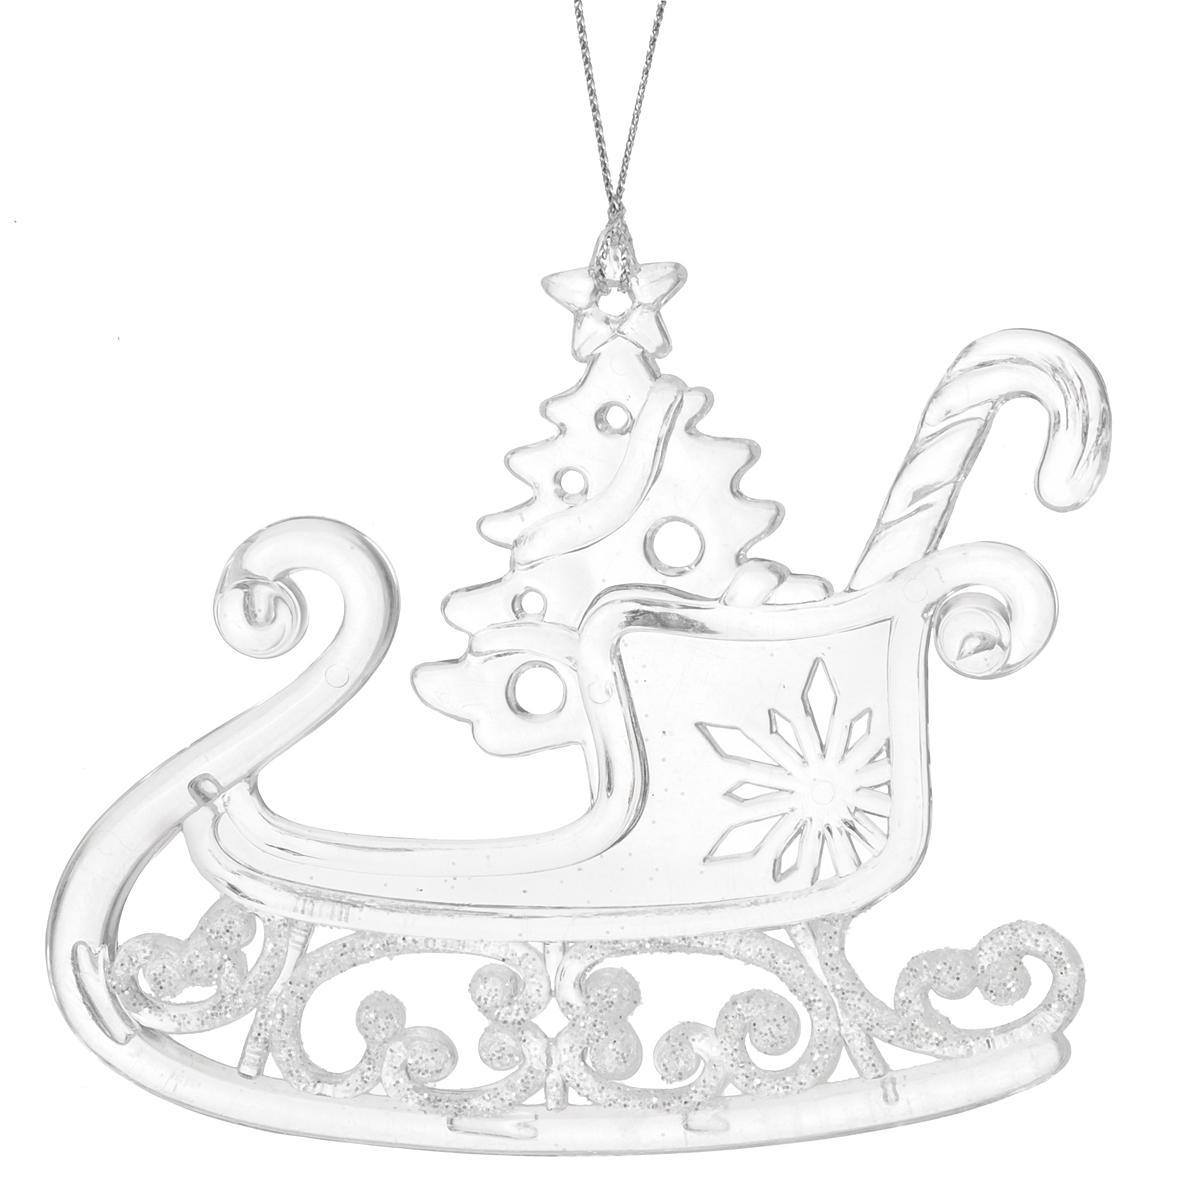 Новогоднее подвесное украшение Санки. 35040 новогоднее подвесное украшение собака ф21 1716